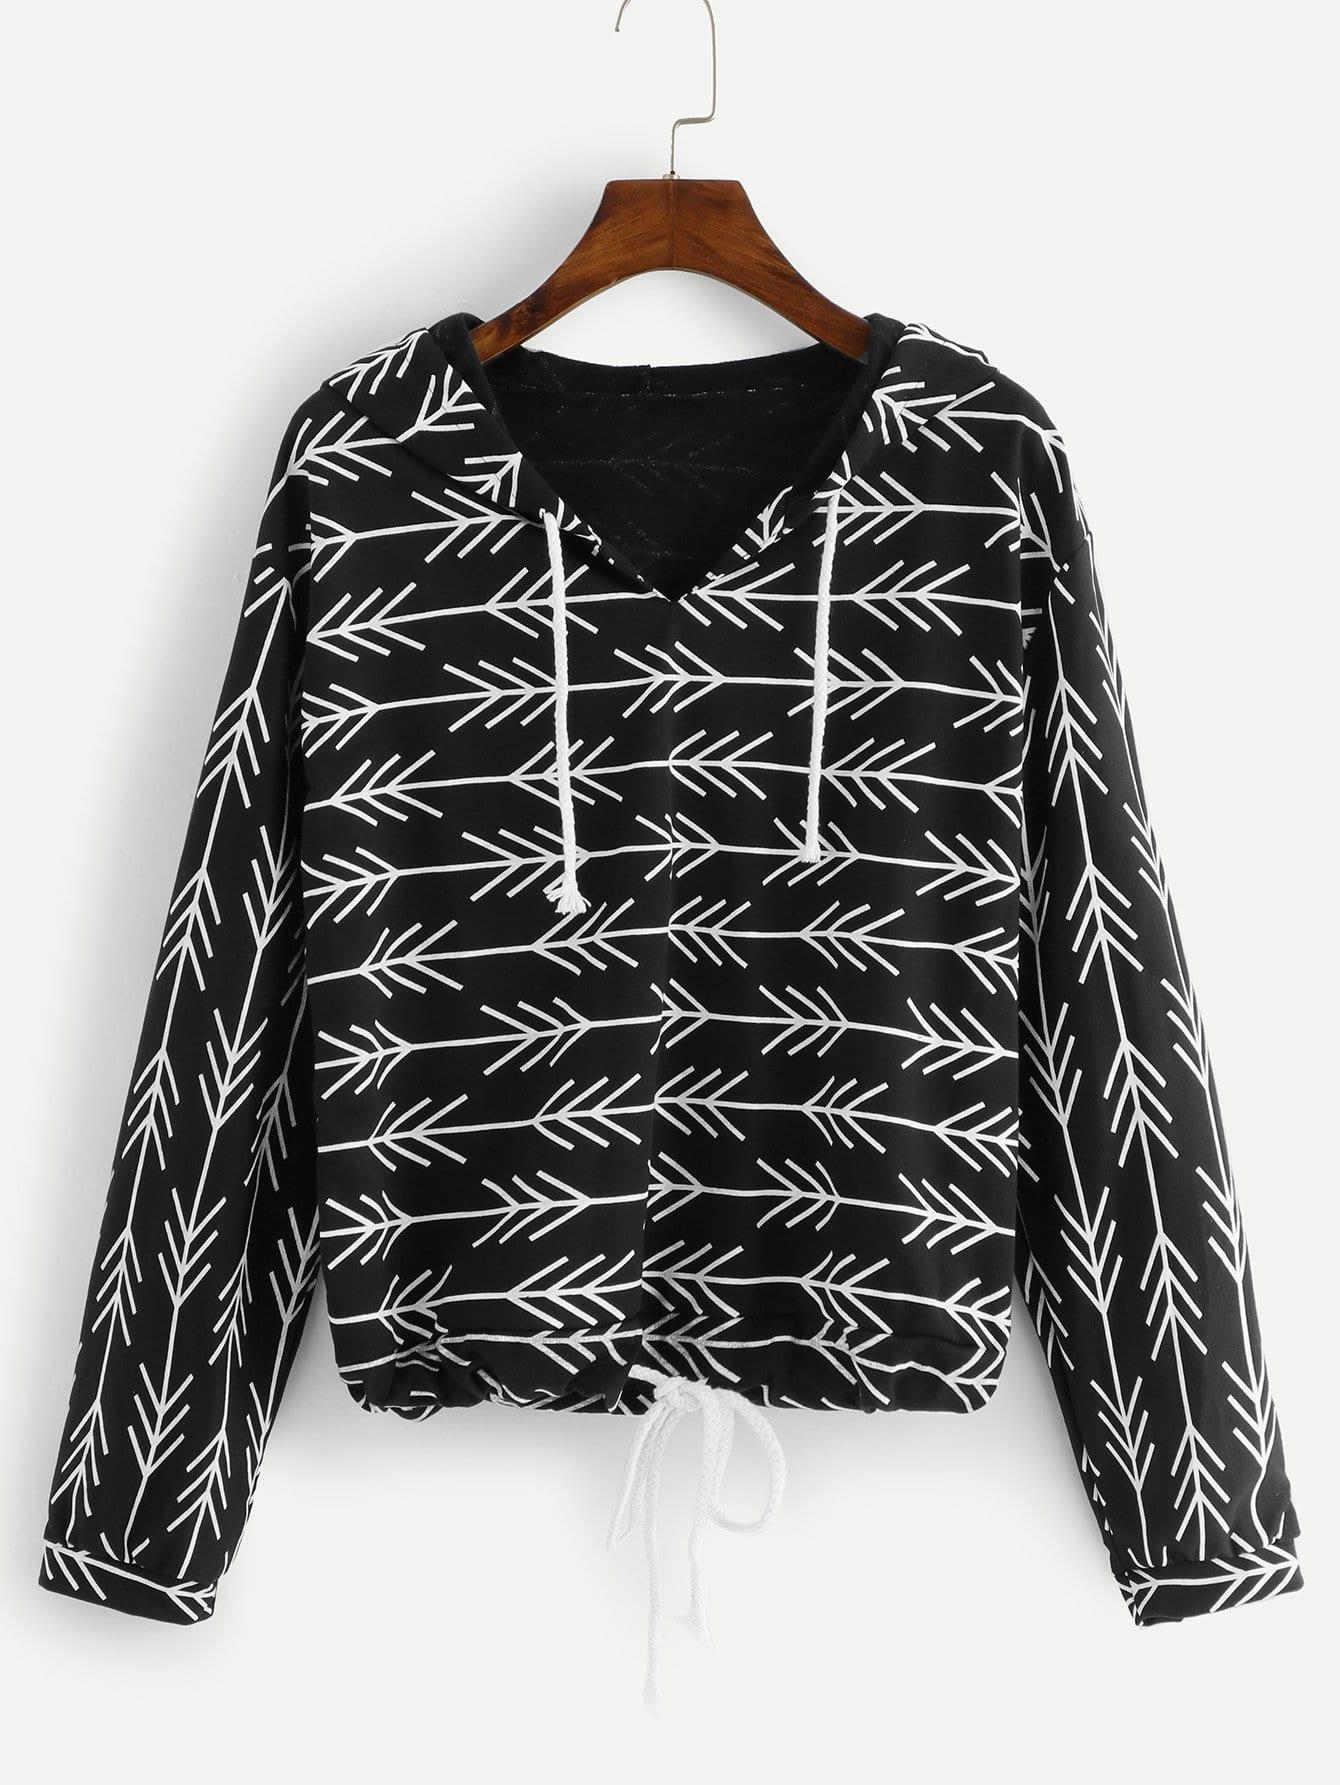 Купить Повседневный на кулиске Пуловеры Черный Свитшоты, null, SheIn